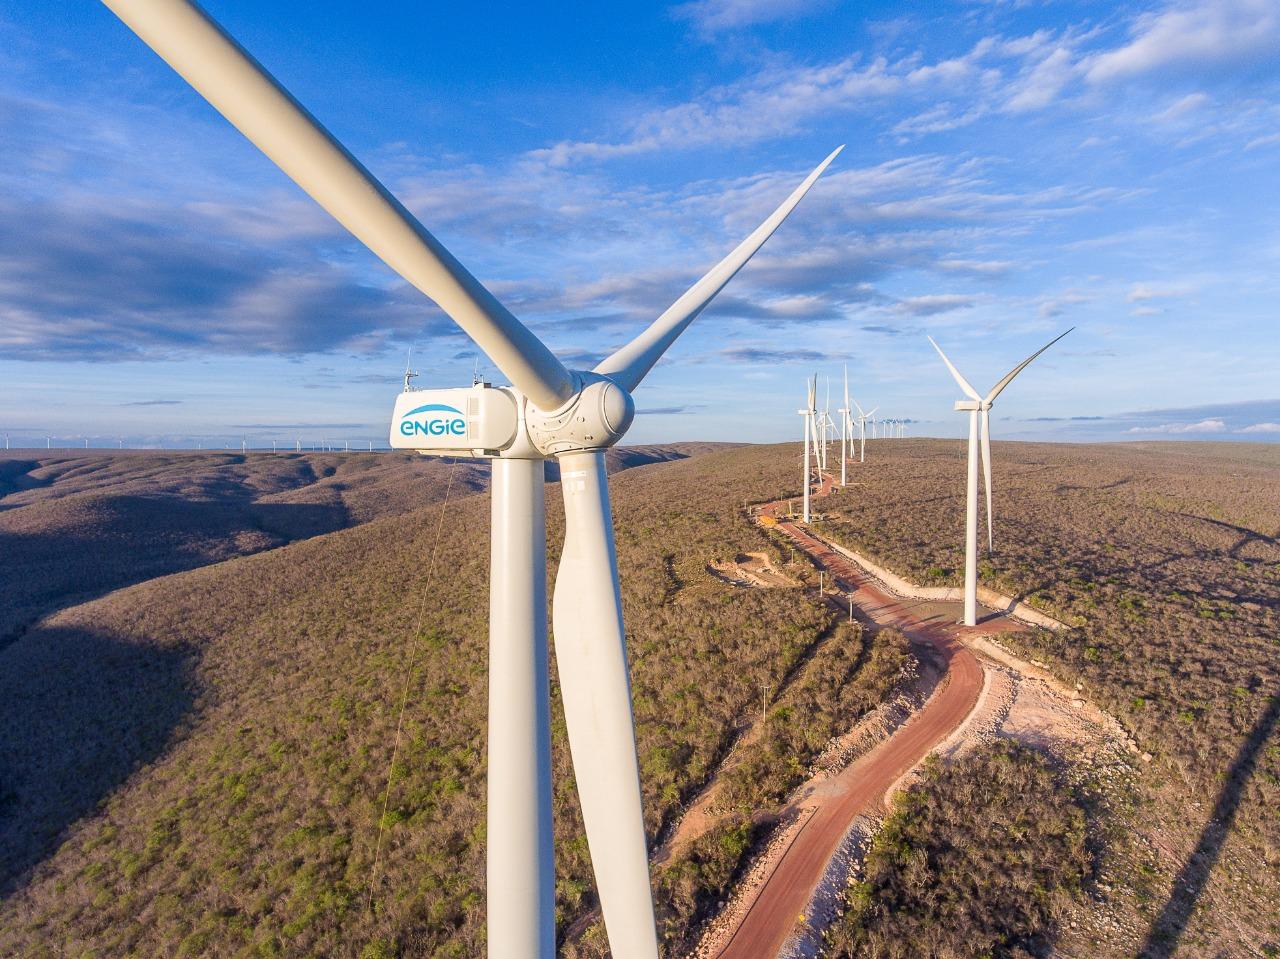 Engie vai investir R$ 1,6 bi em novo complexo eólico na Bahia